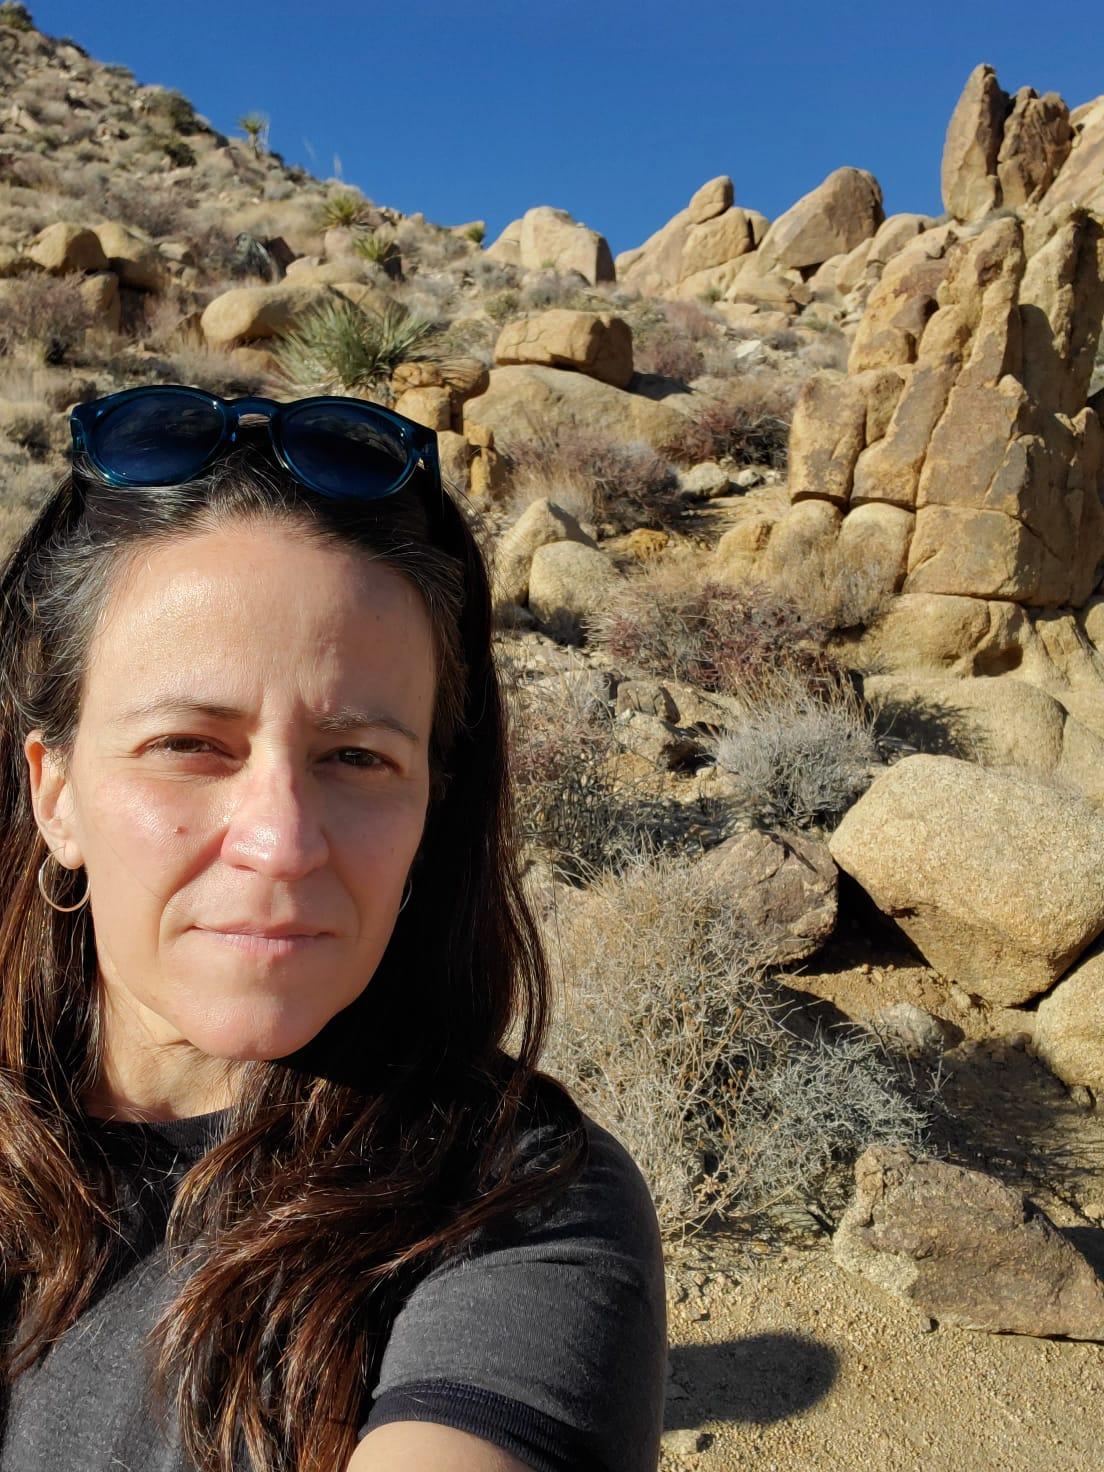 Isabel Rivera-Collazo : Principal Investigator